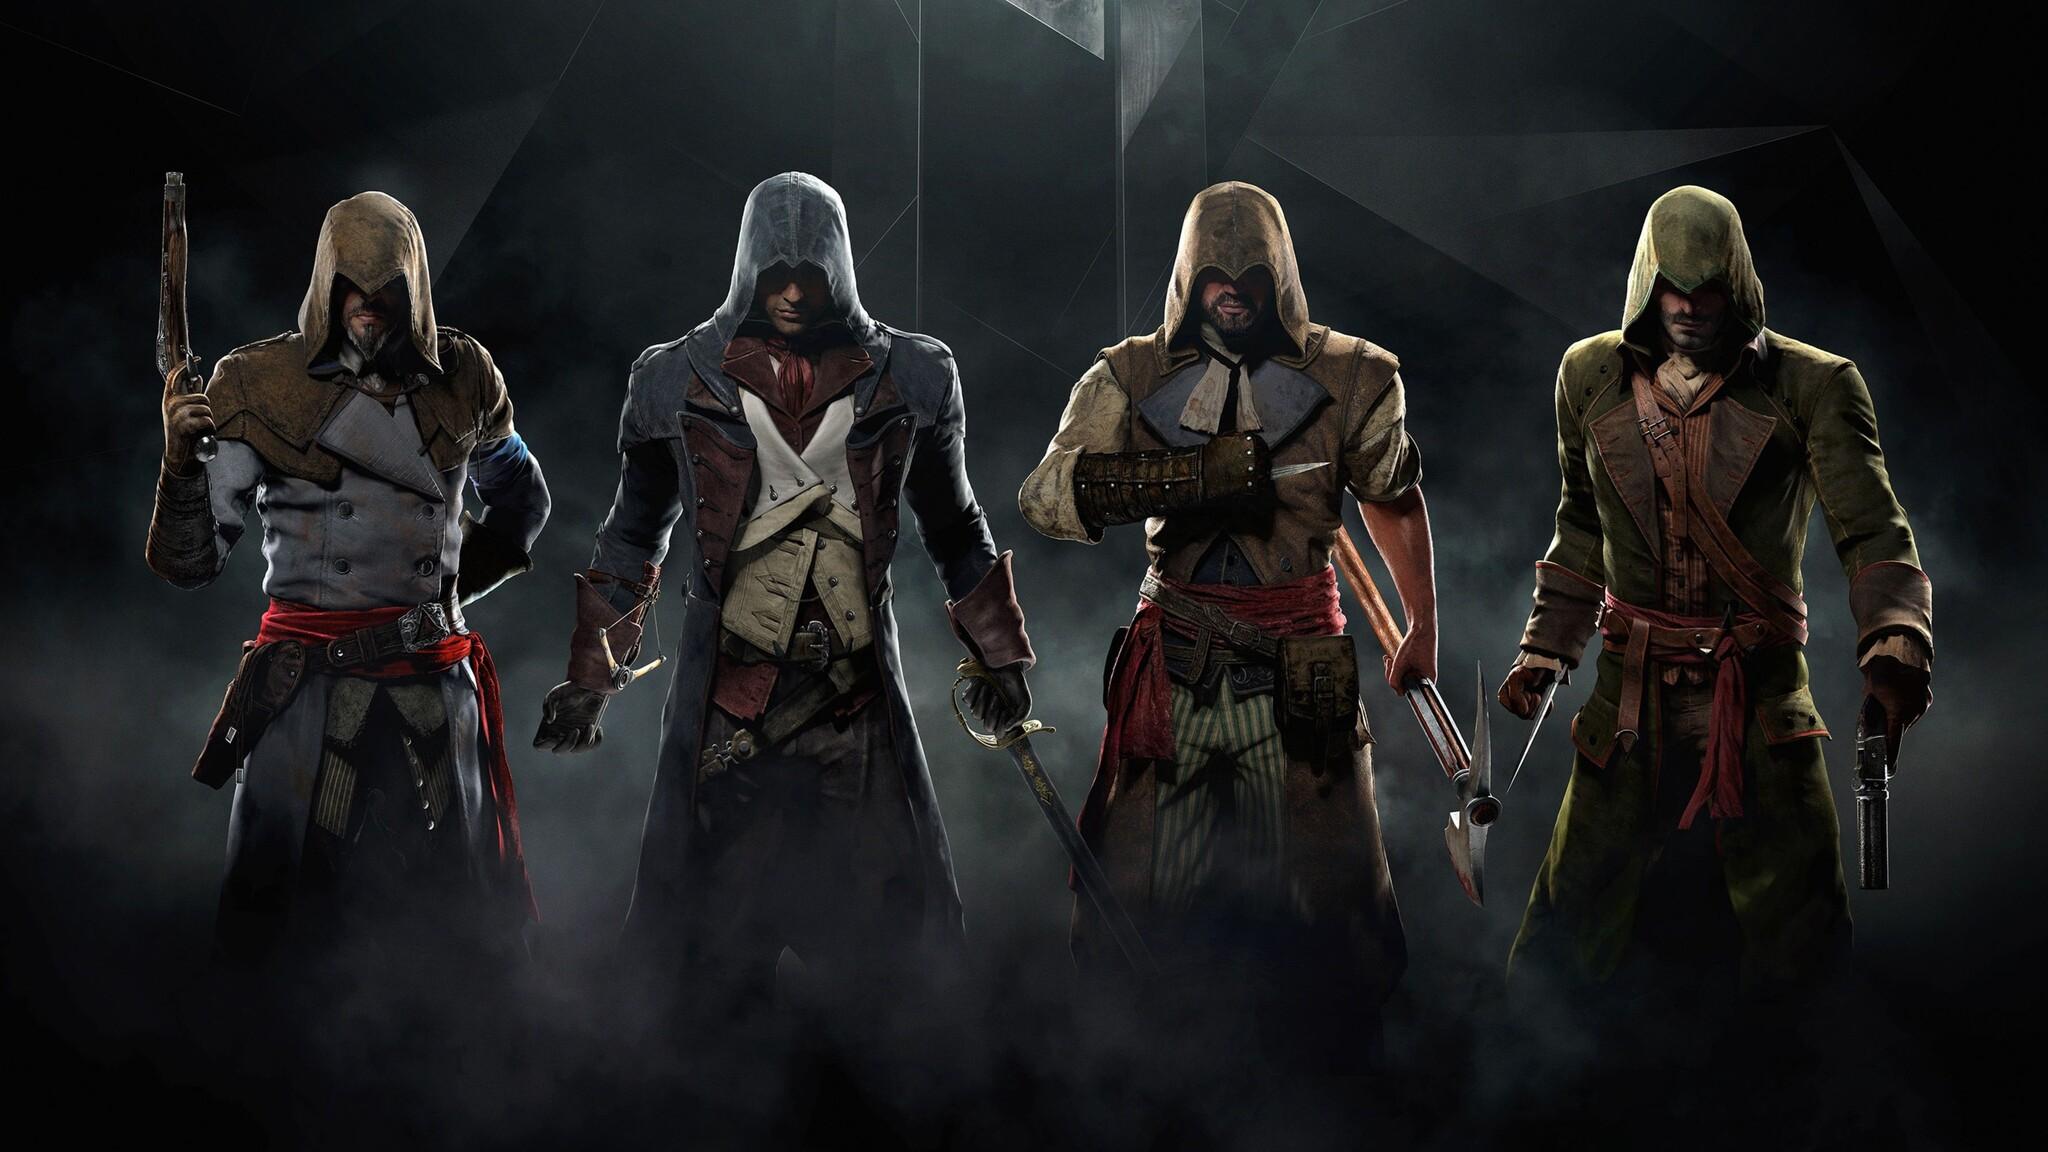 <b>Assassins Creed</b> Character Art HD desktop wallpaper : Widescreen ...